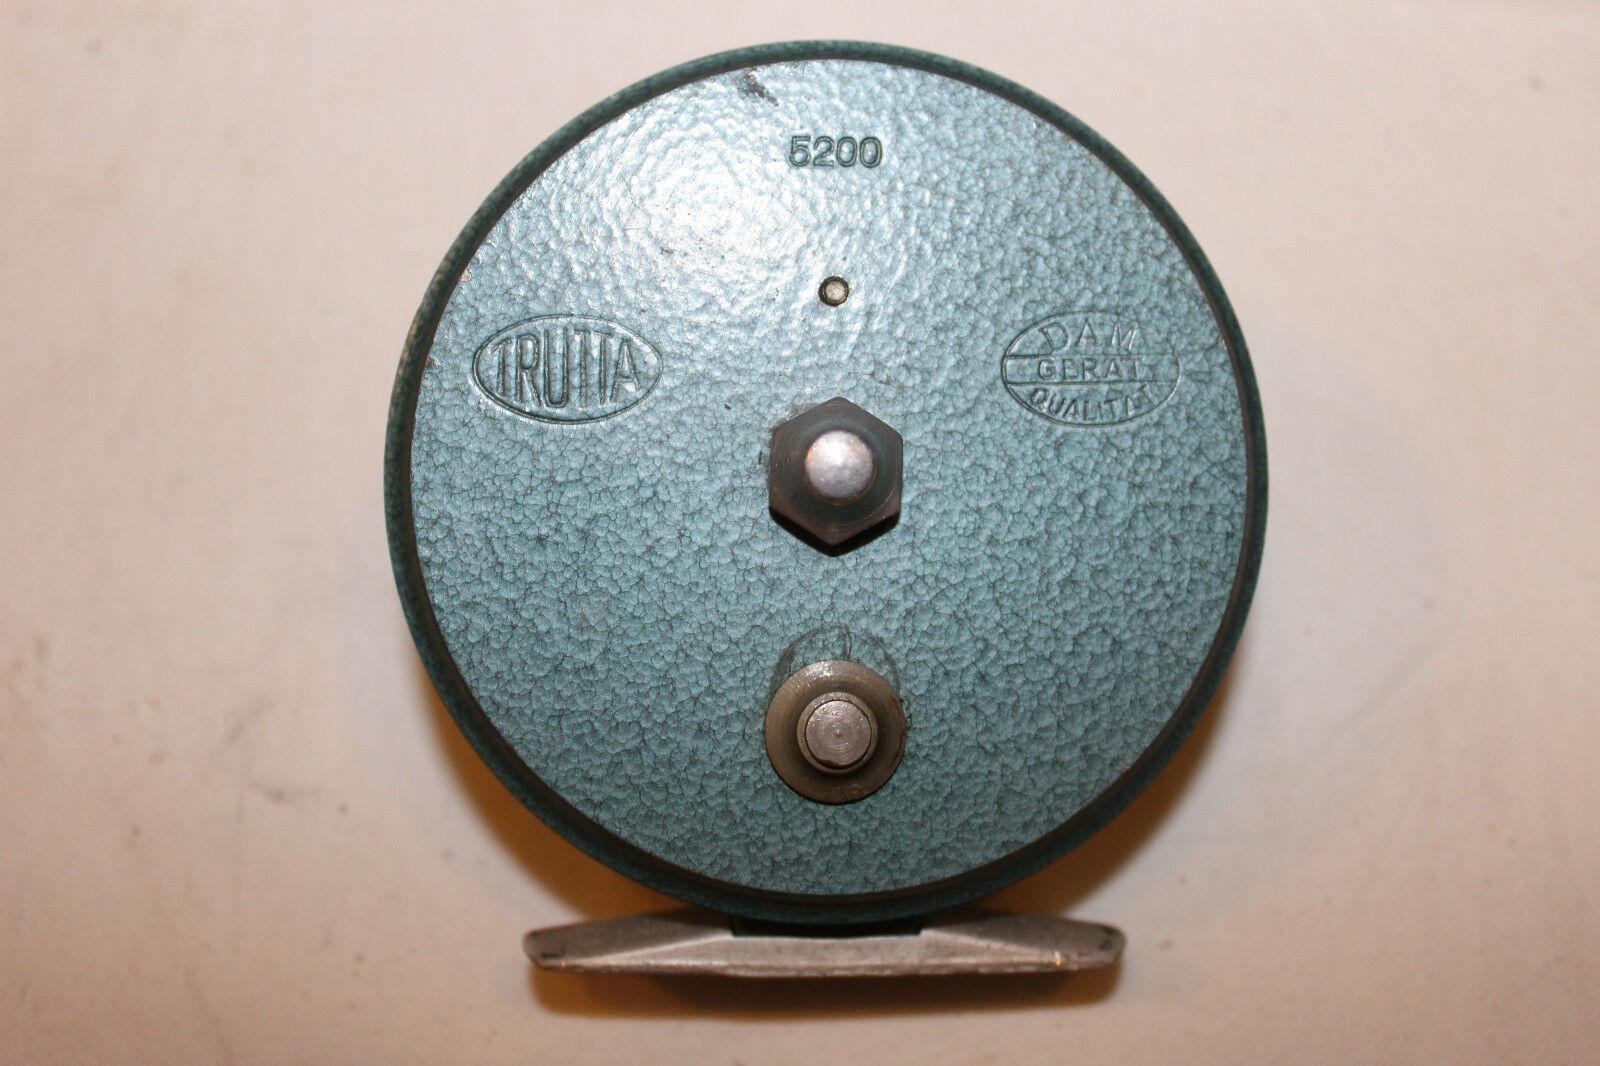 Dam trutta 5200 Dam dispositivo Qualità   N. 3